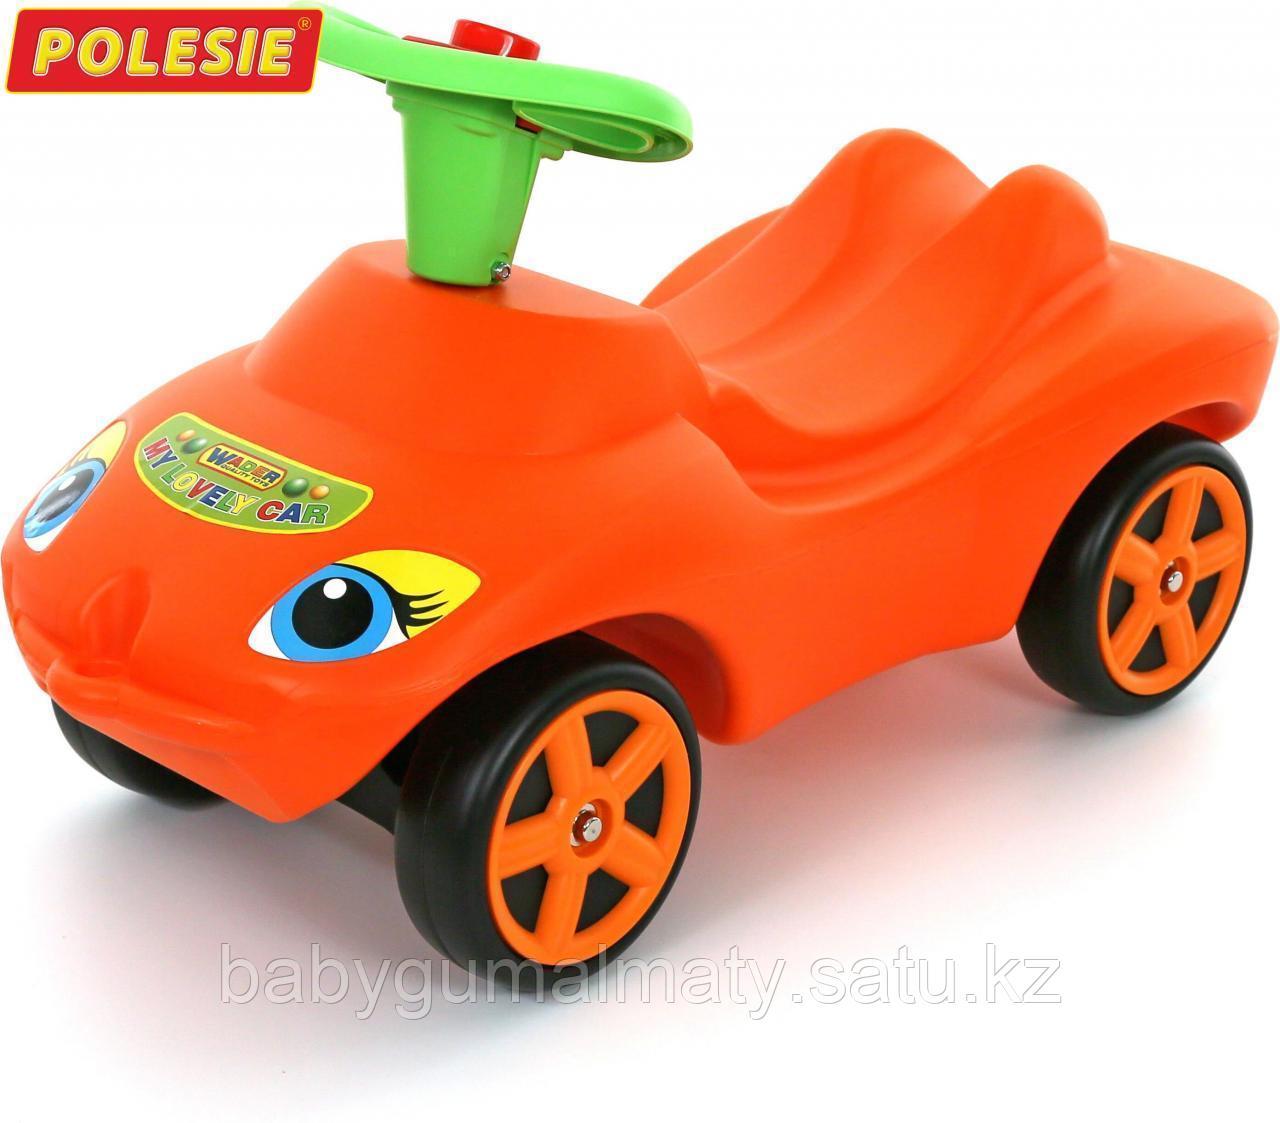 """Машинка каталка """"Мой любимый автомобиль"""" со звуковым сигналом - фото 1"""